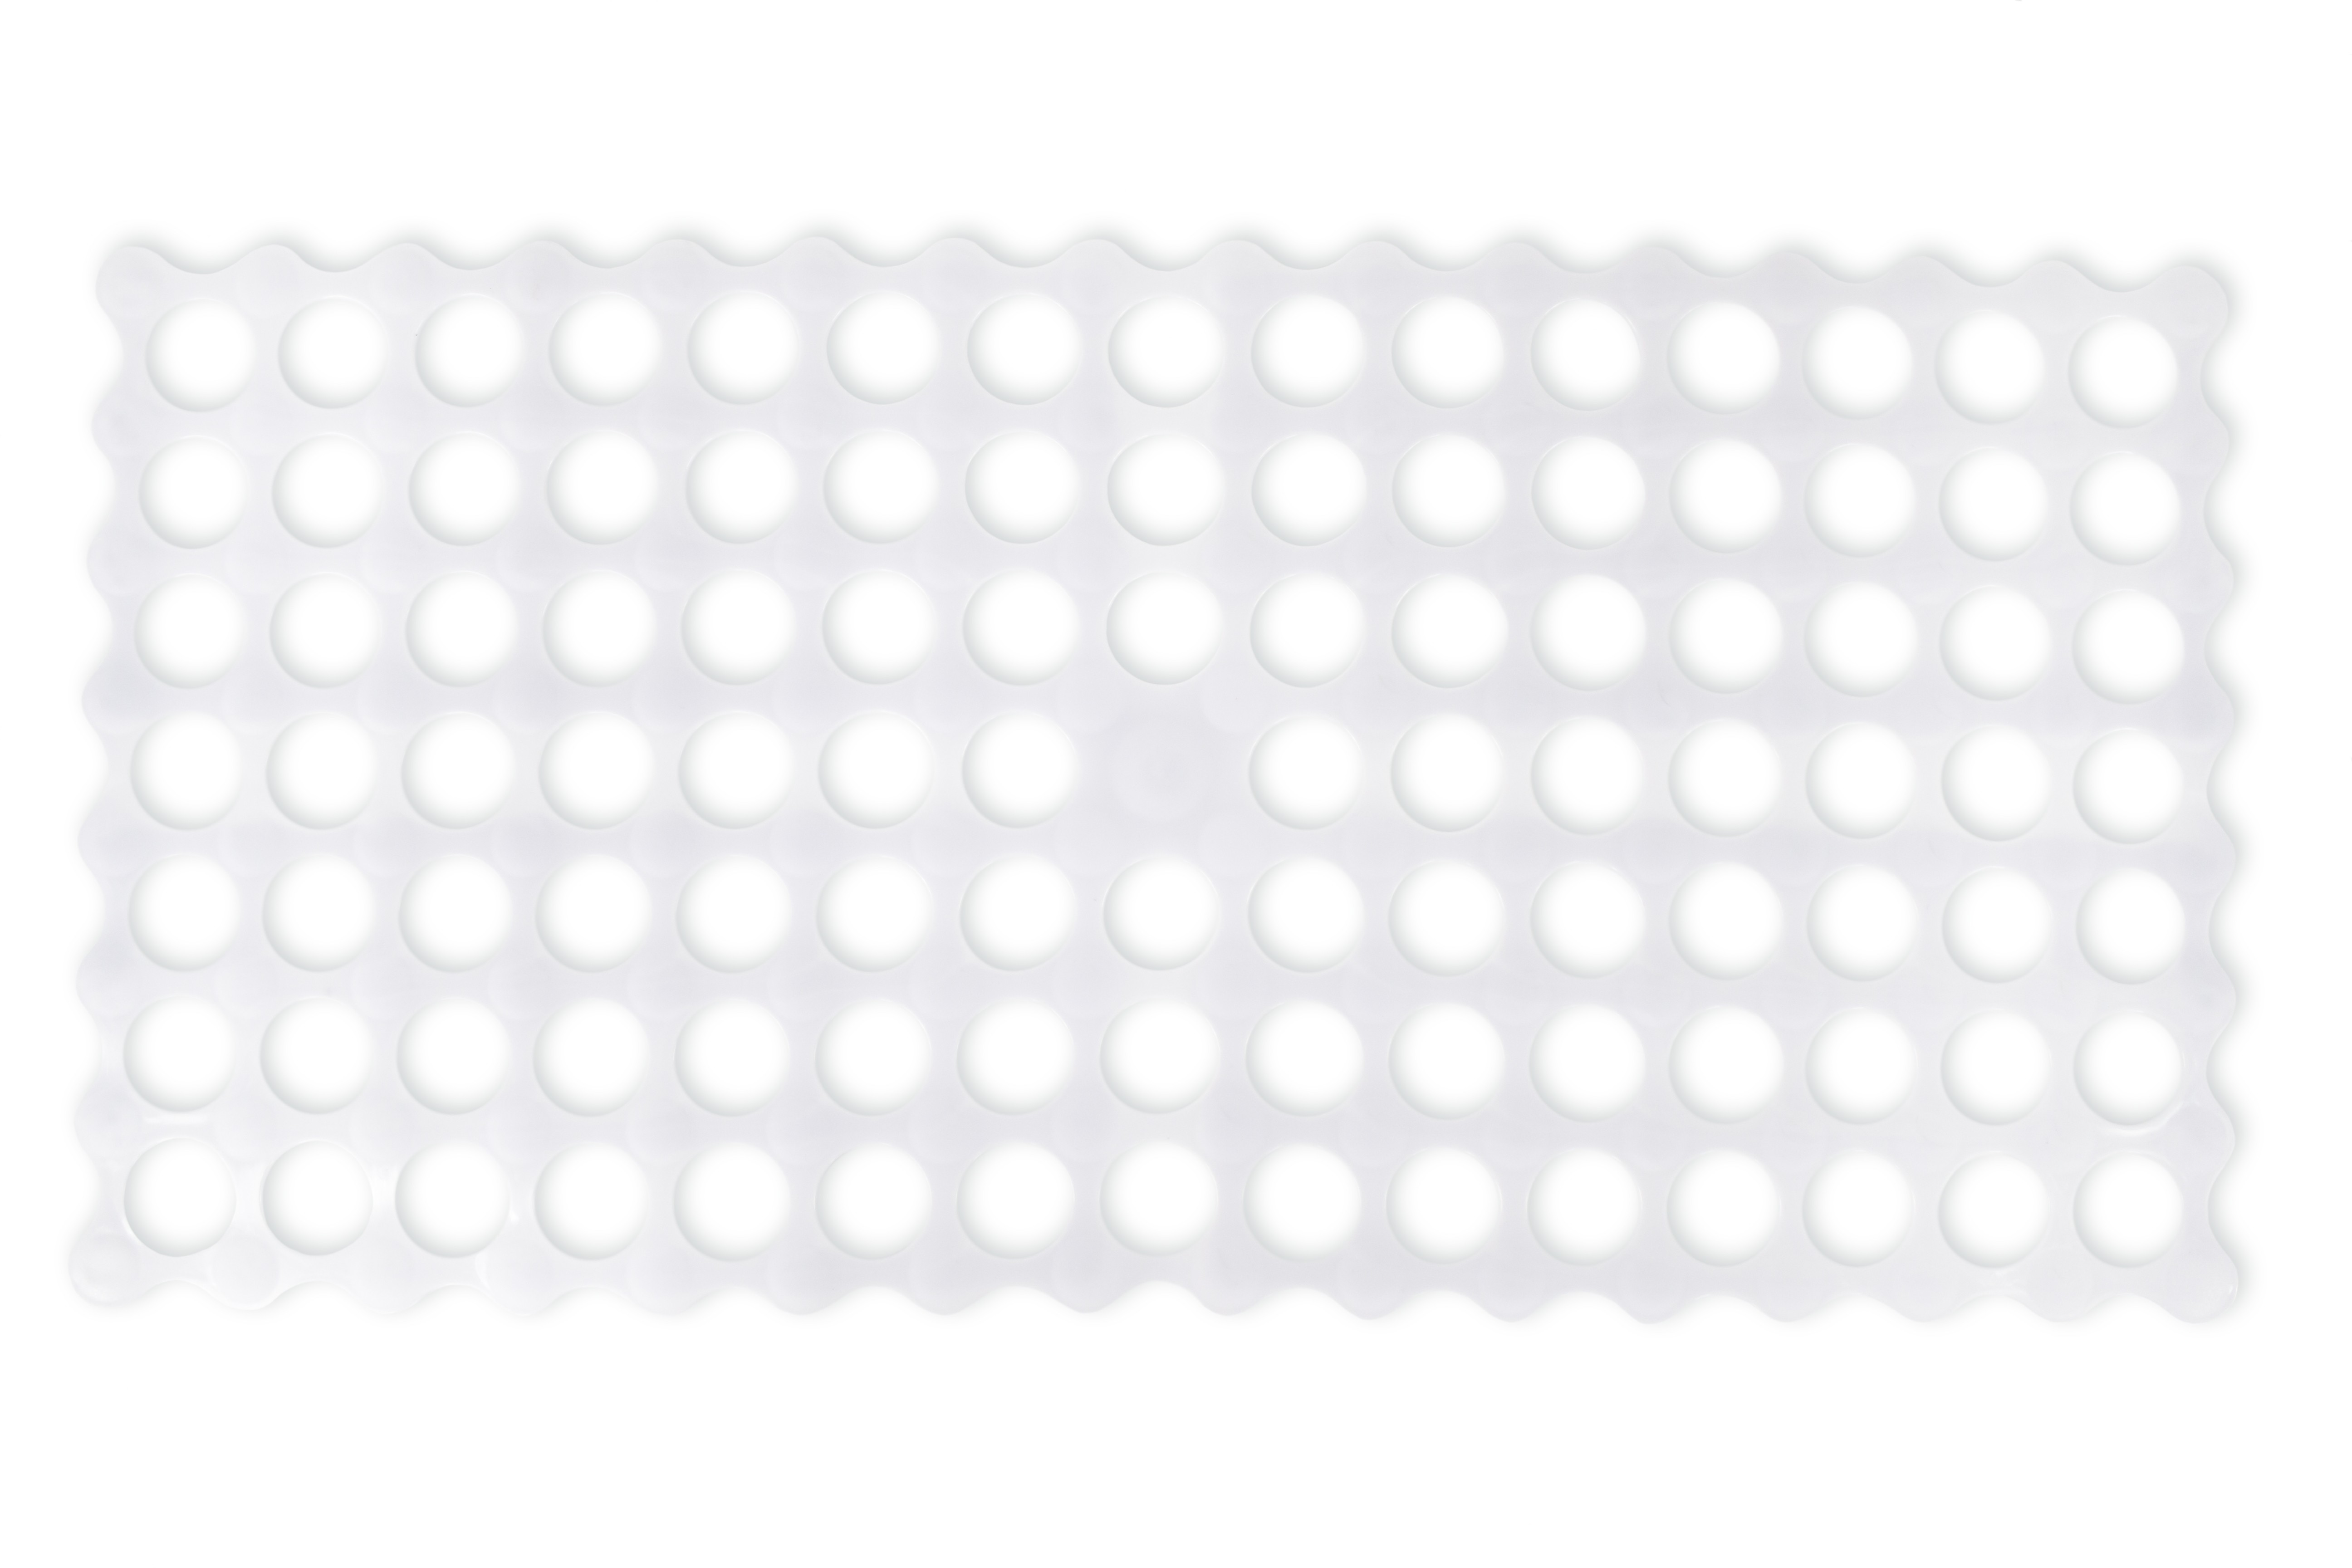 Αντιολισθητικό Ταπέτο Μπάνιου Golf Λευκό 34X68 home   ειδη μπανιου   χαλιά   πατάκια μπάνιου